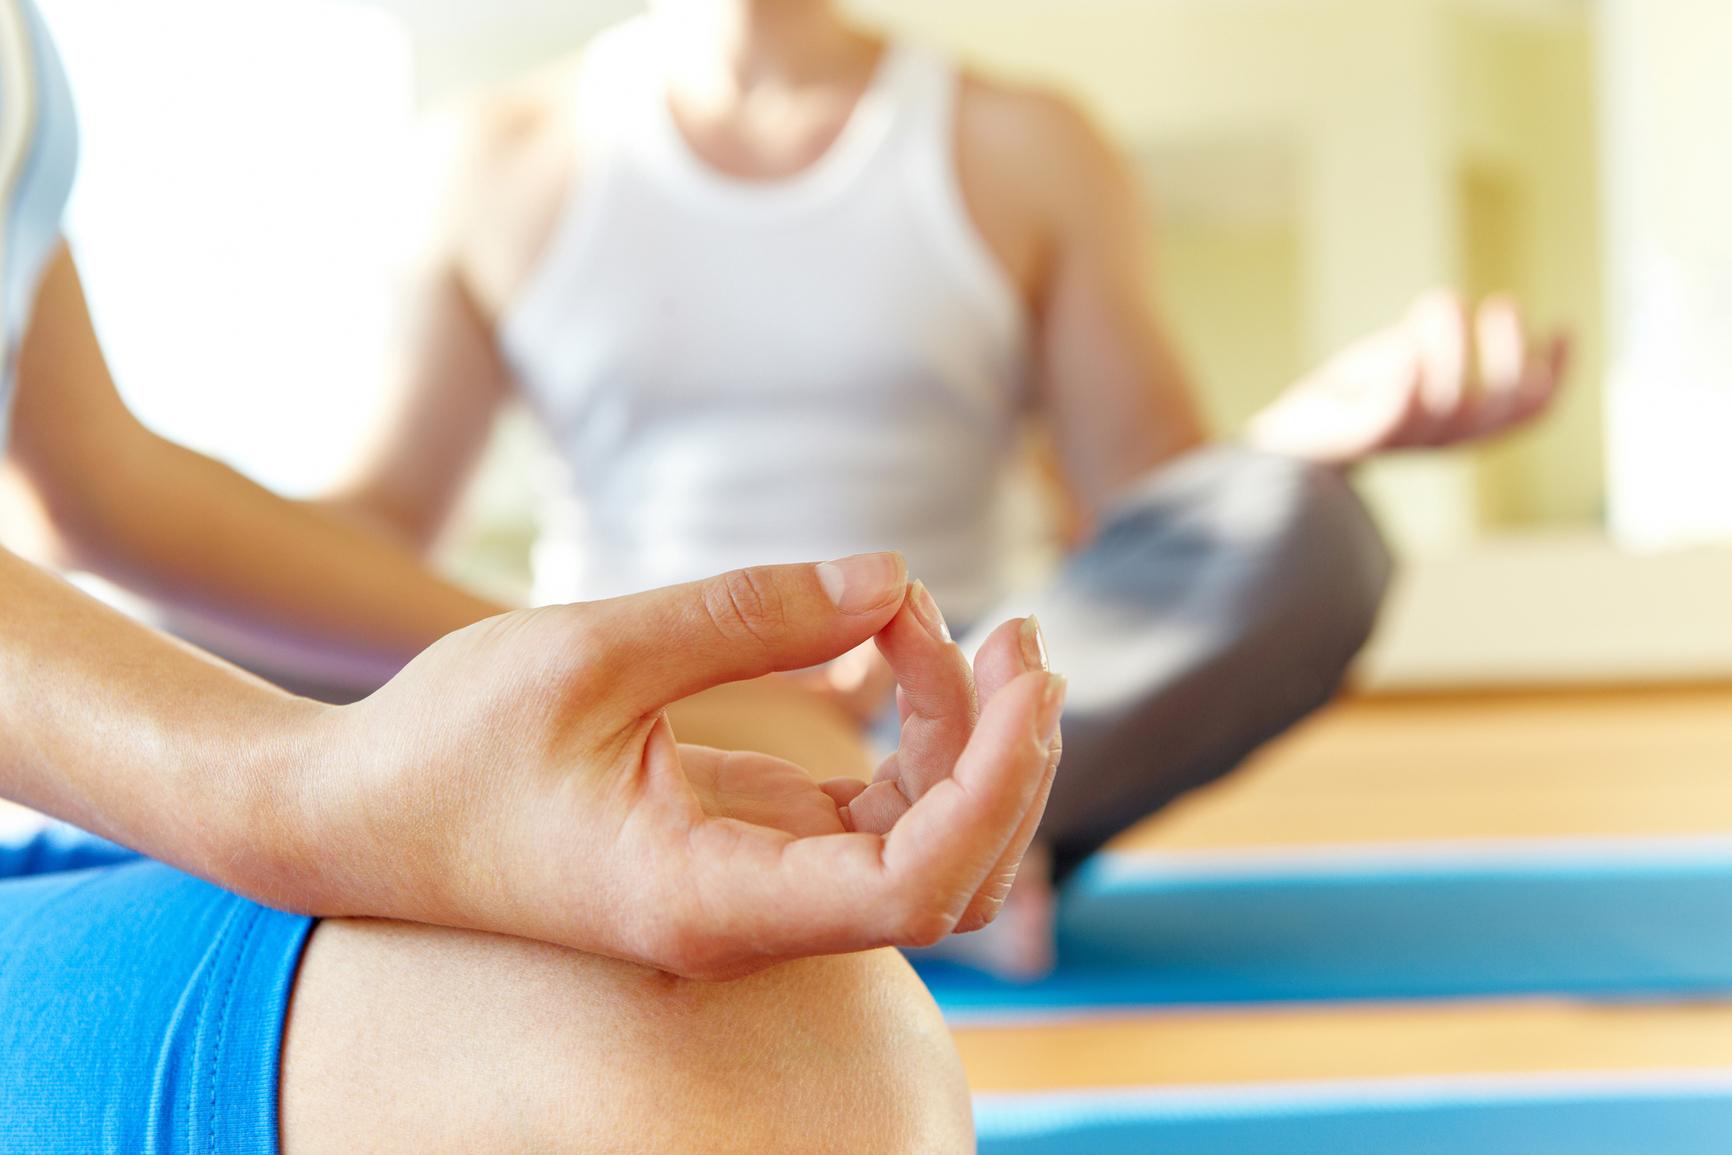 Personals Yoga Coach